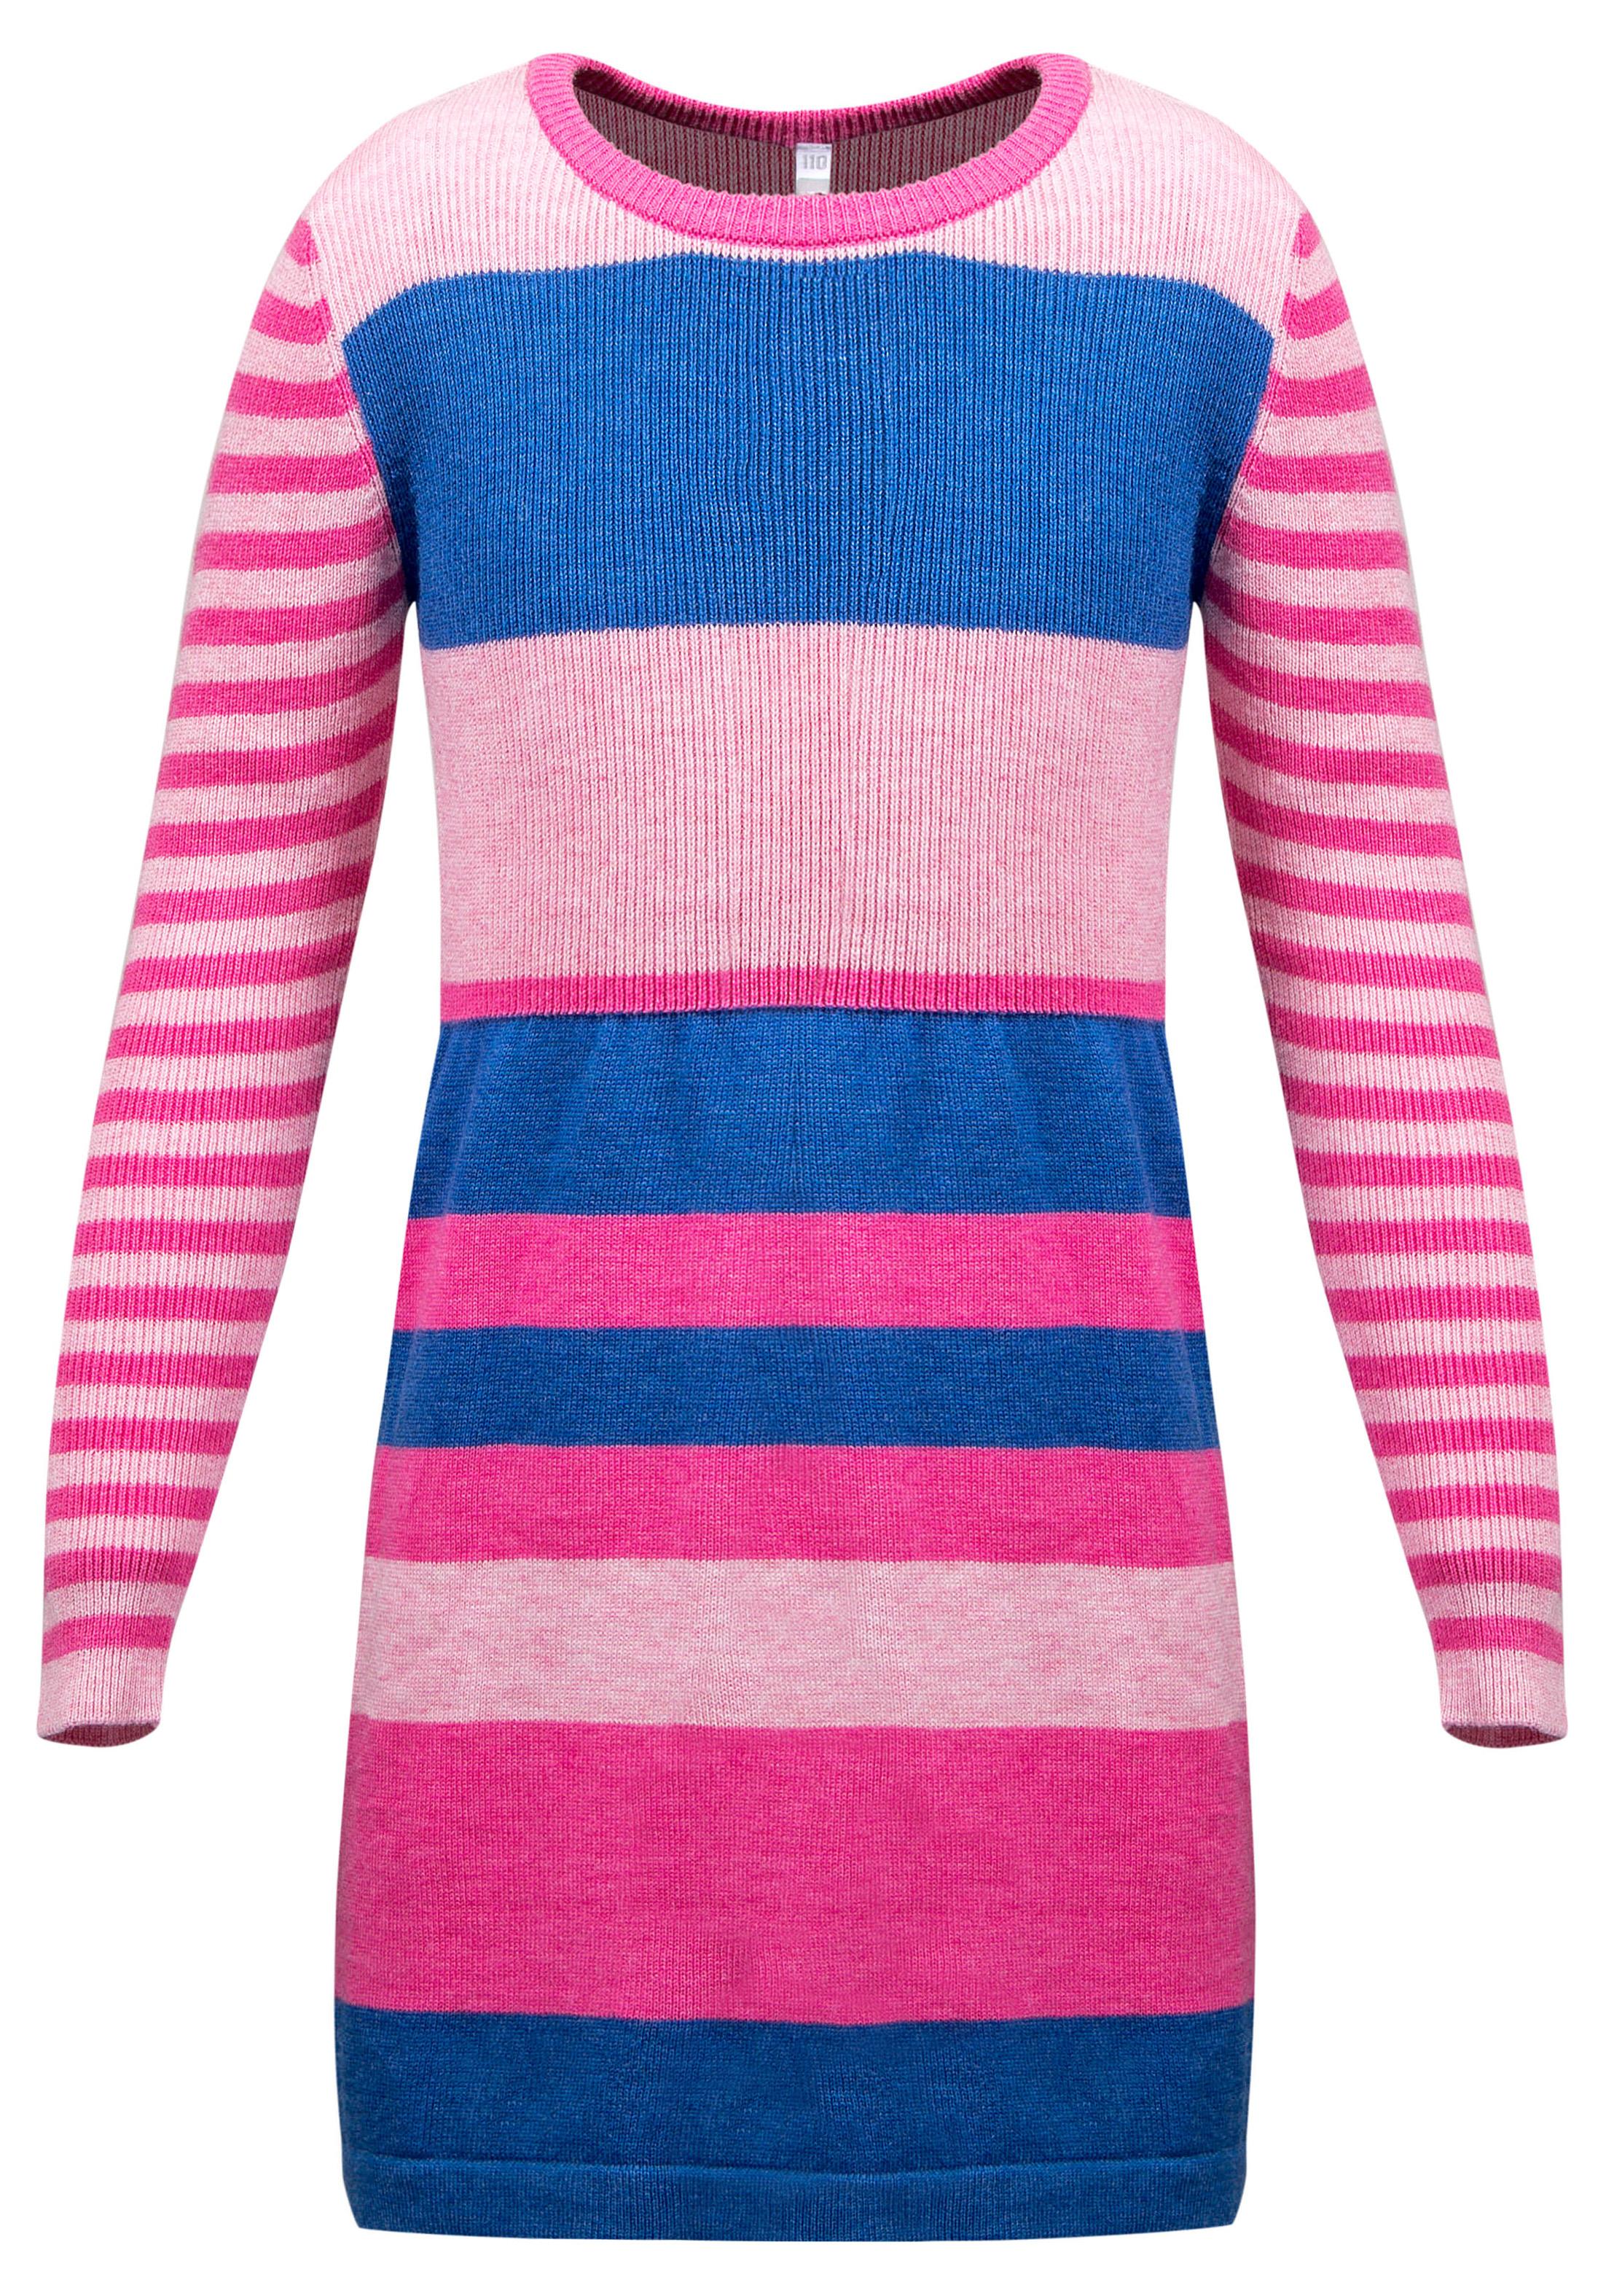 Платье детское Barkito Мелодия, розовое с рисунком в полоску